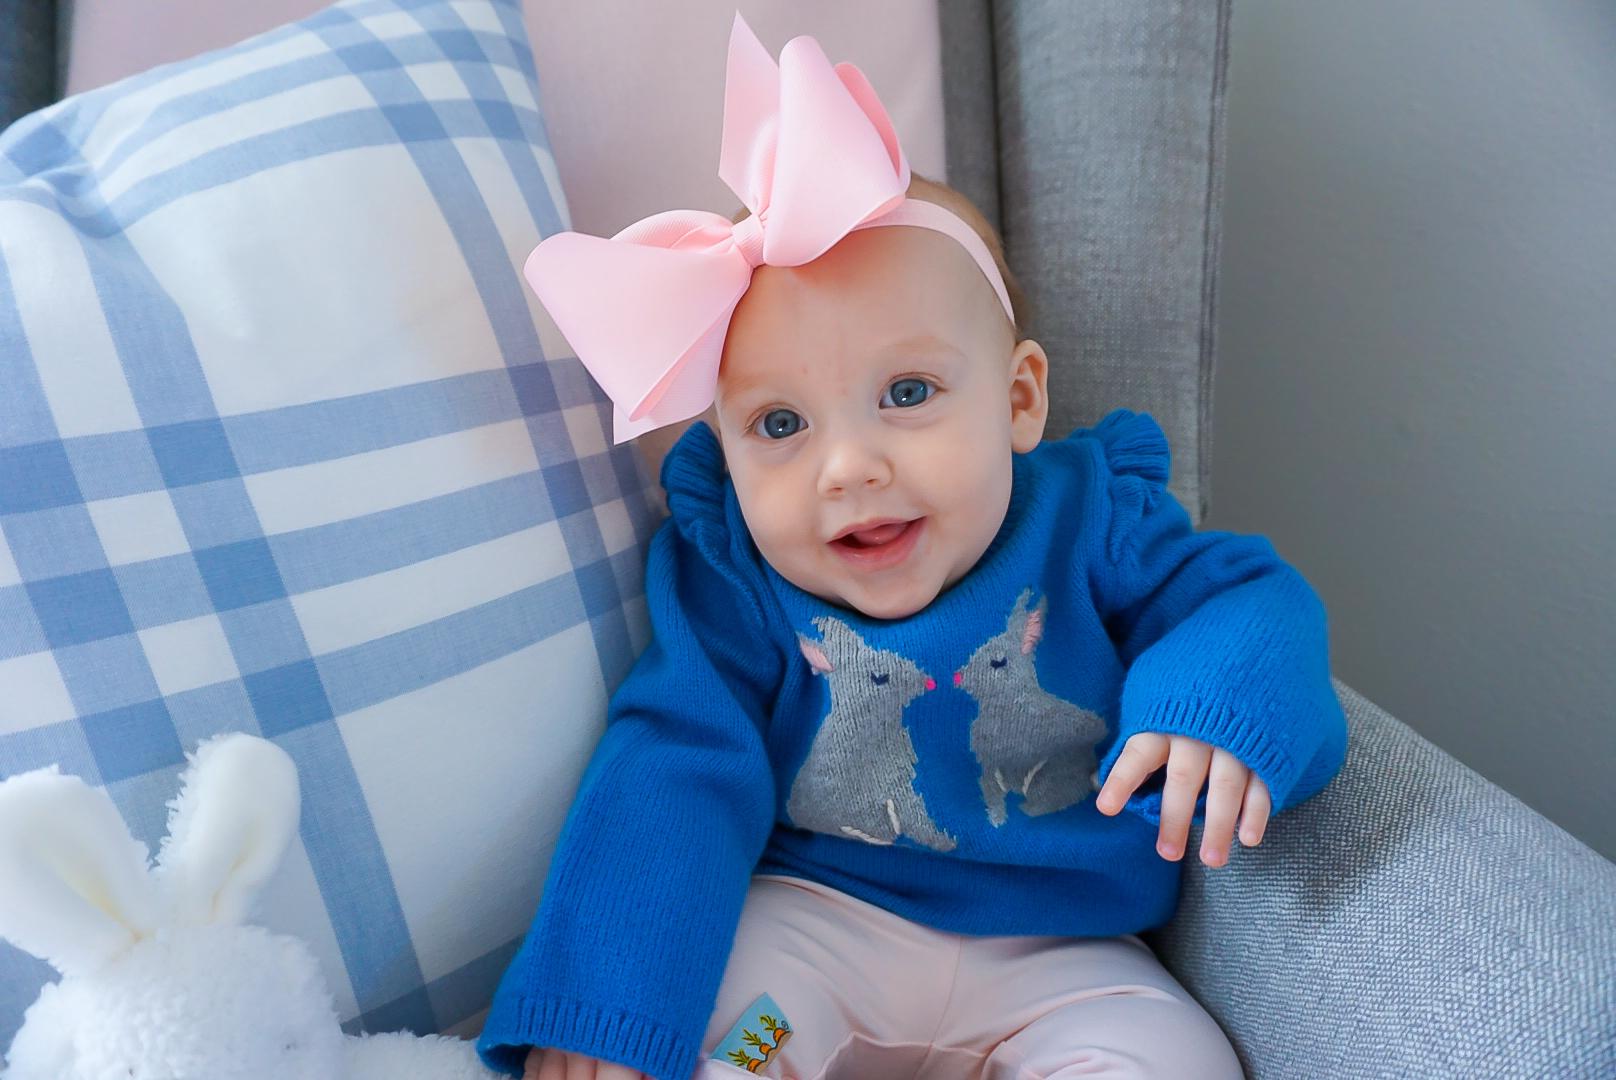 8 month old baby sleep schedule, baby sleep schedule blog, 8 month old baby feeding schedule